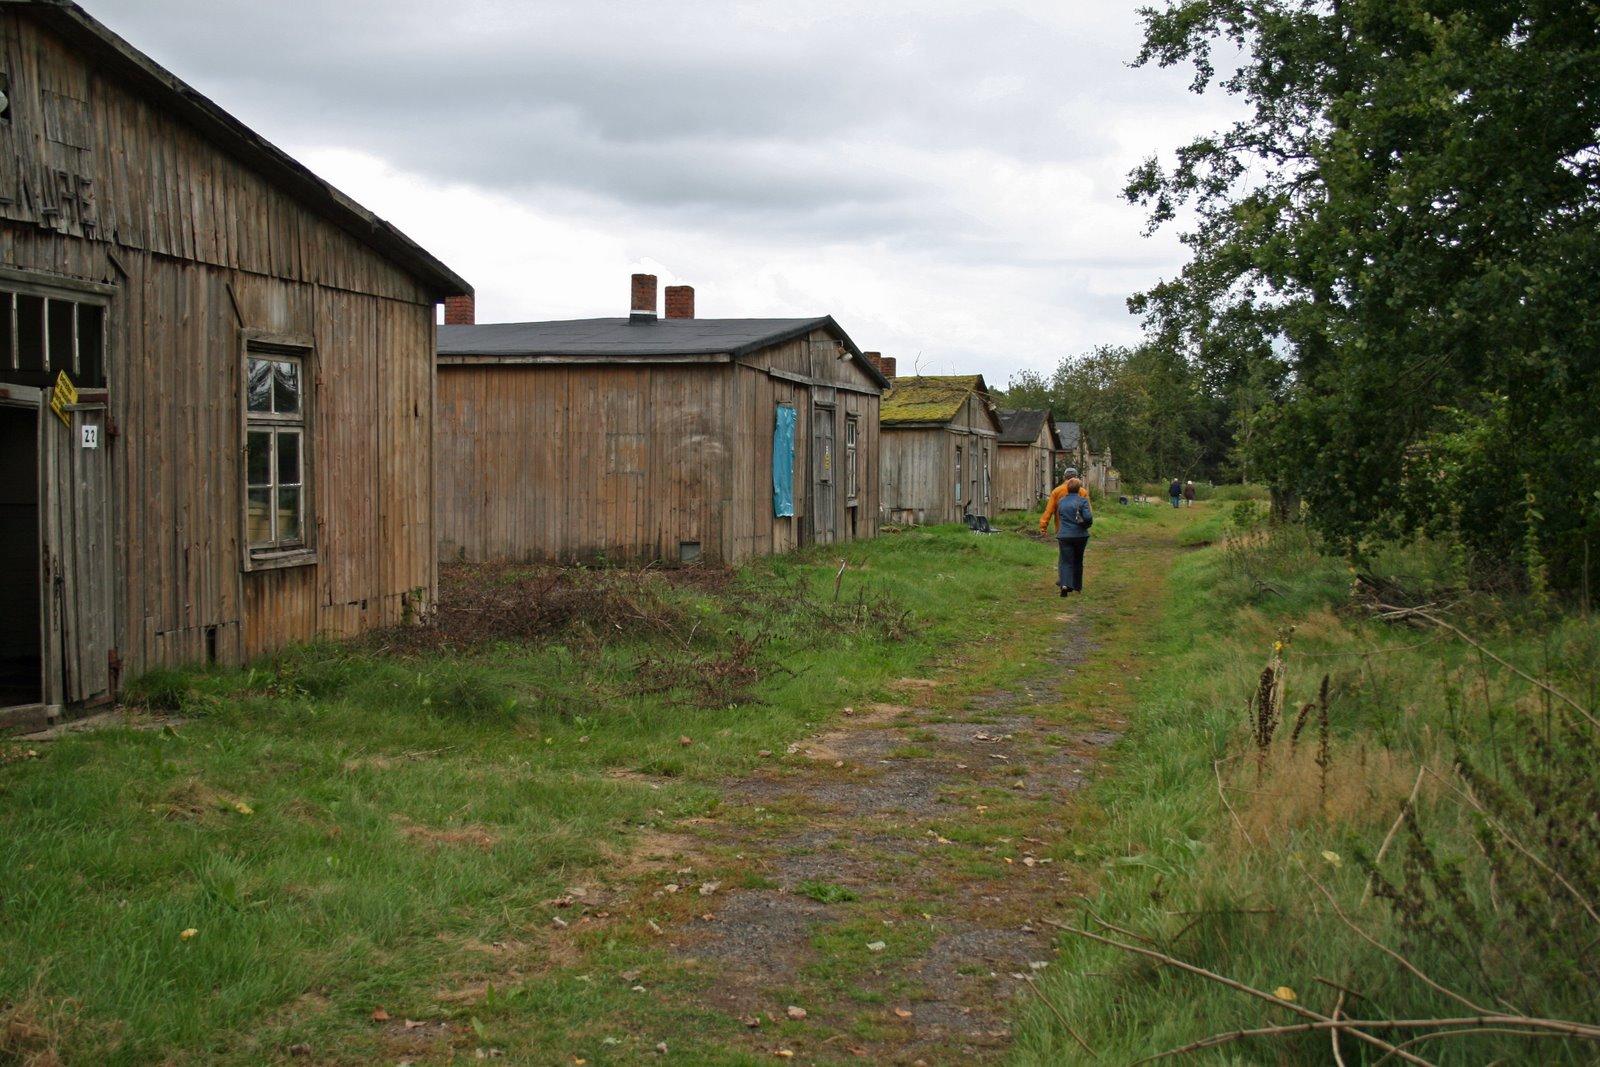 Ehemaliges Kriegsgefangenenlager Sandbostel (Stalag XB) siehe auch http://www.teufelsmoor.eu/?p=42